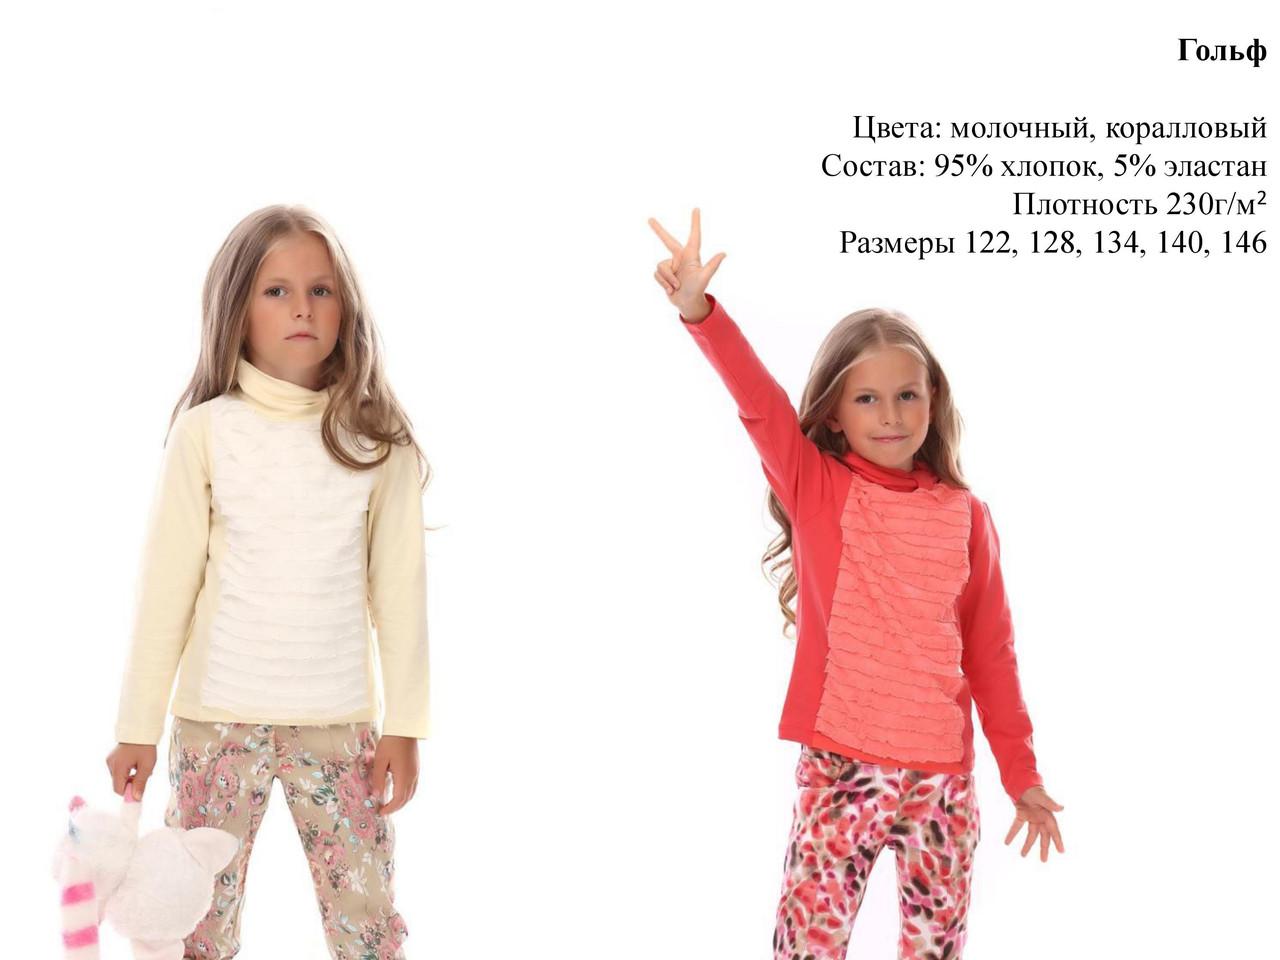 Гольф для девочек Рюши. Размер 122 - 146 см